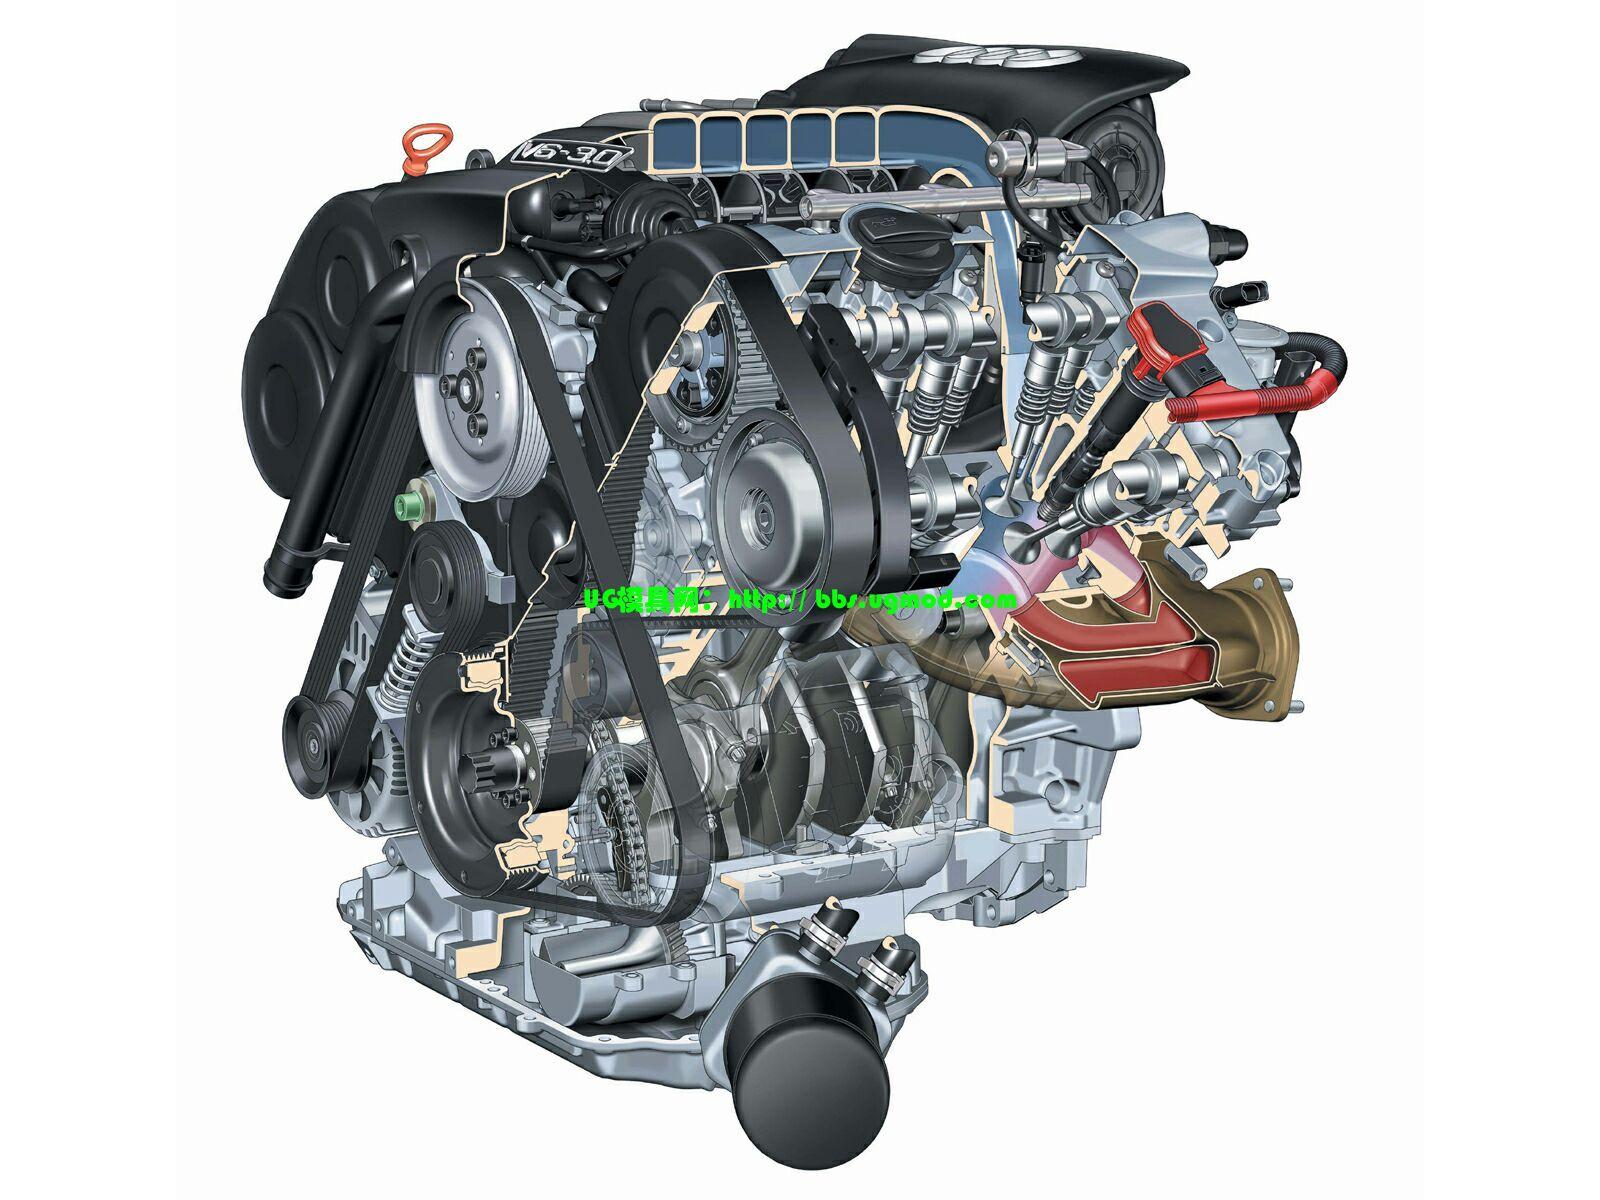 各种类型汽车发动机各种类型汽车发动机 Discuz UG模具网 -各种类型高清图片